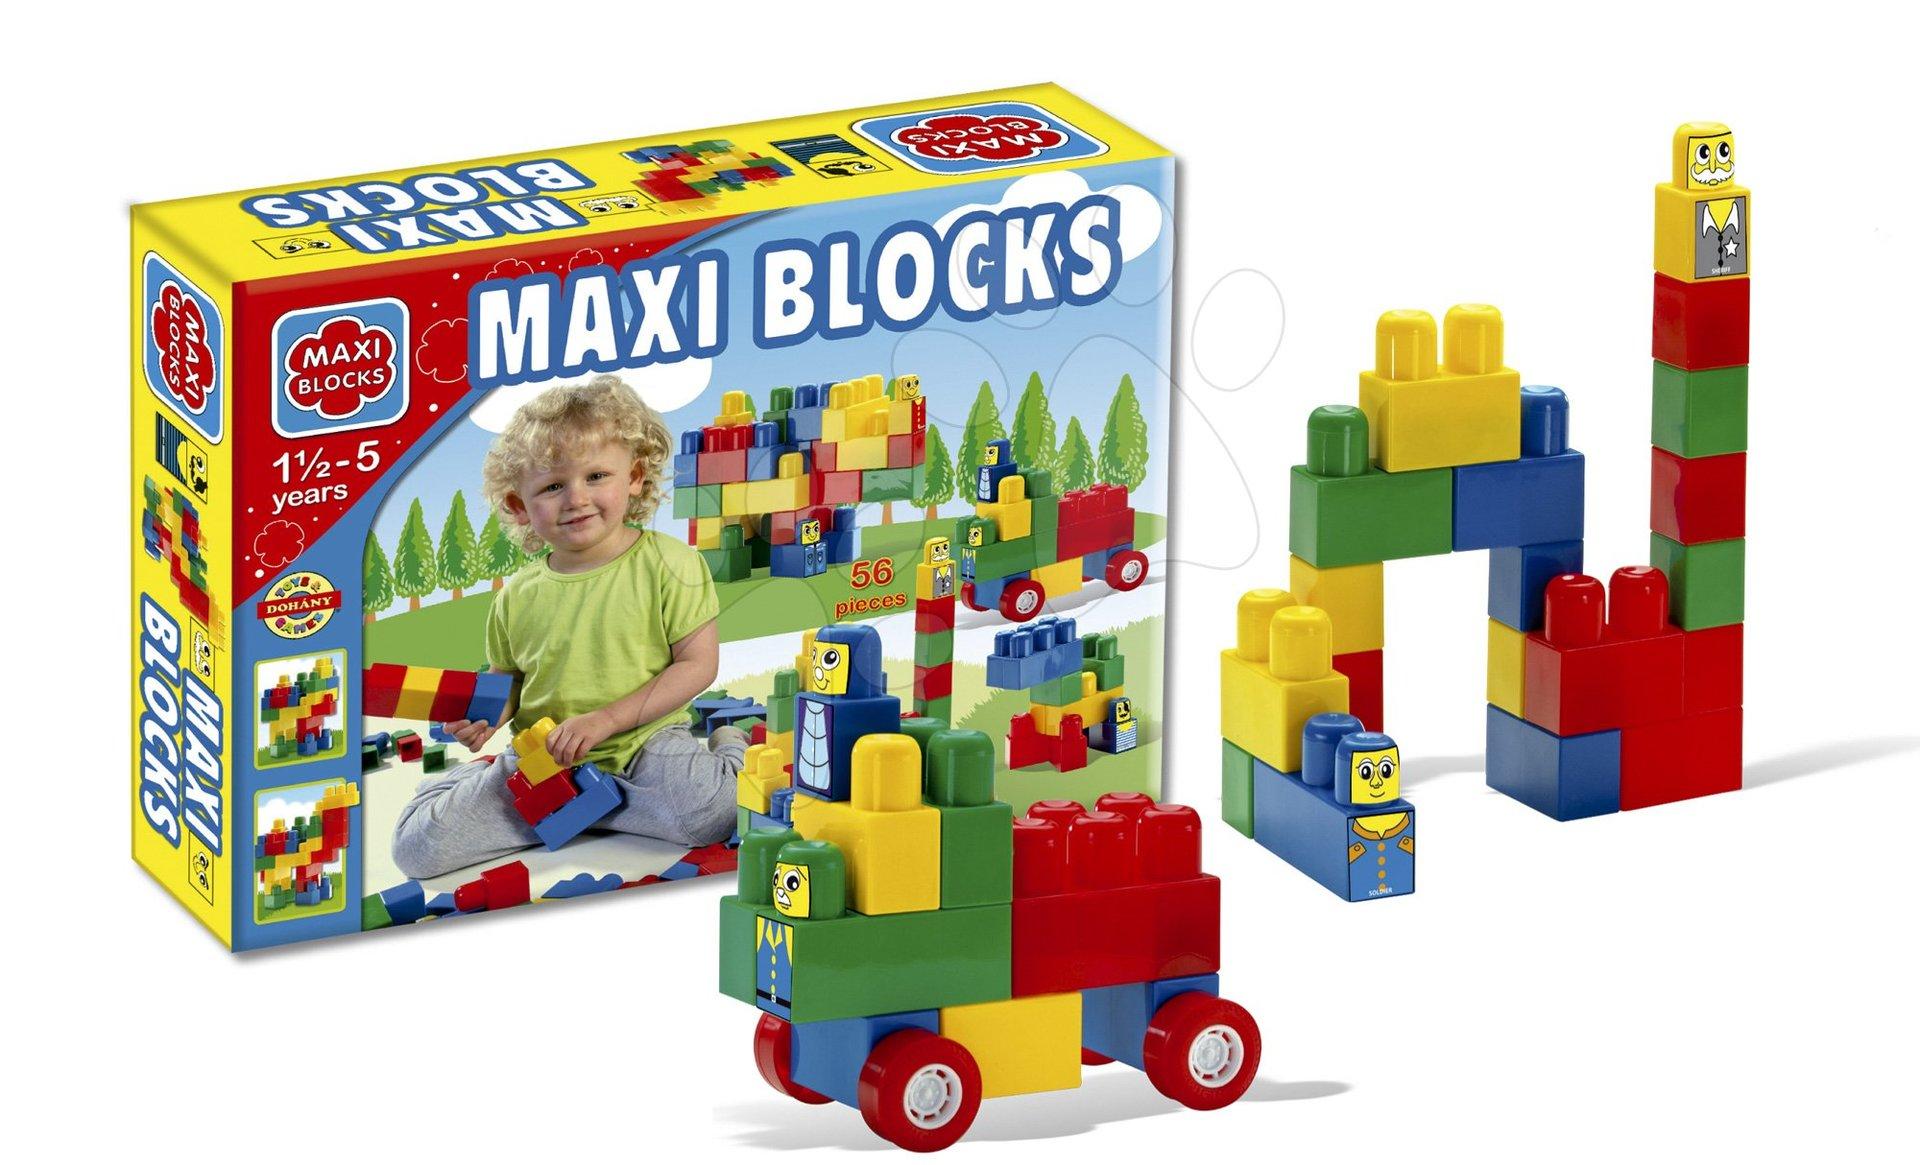 Stavebnice Dohány - Kostky Maxi Blocks Dohány v kartonovém obalu 56 dílů od 18 měsíců